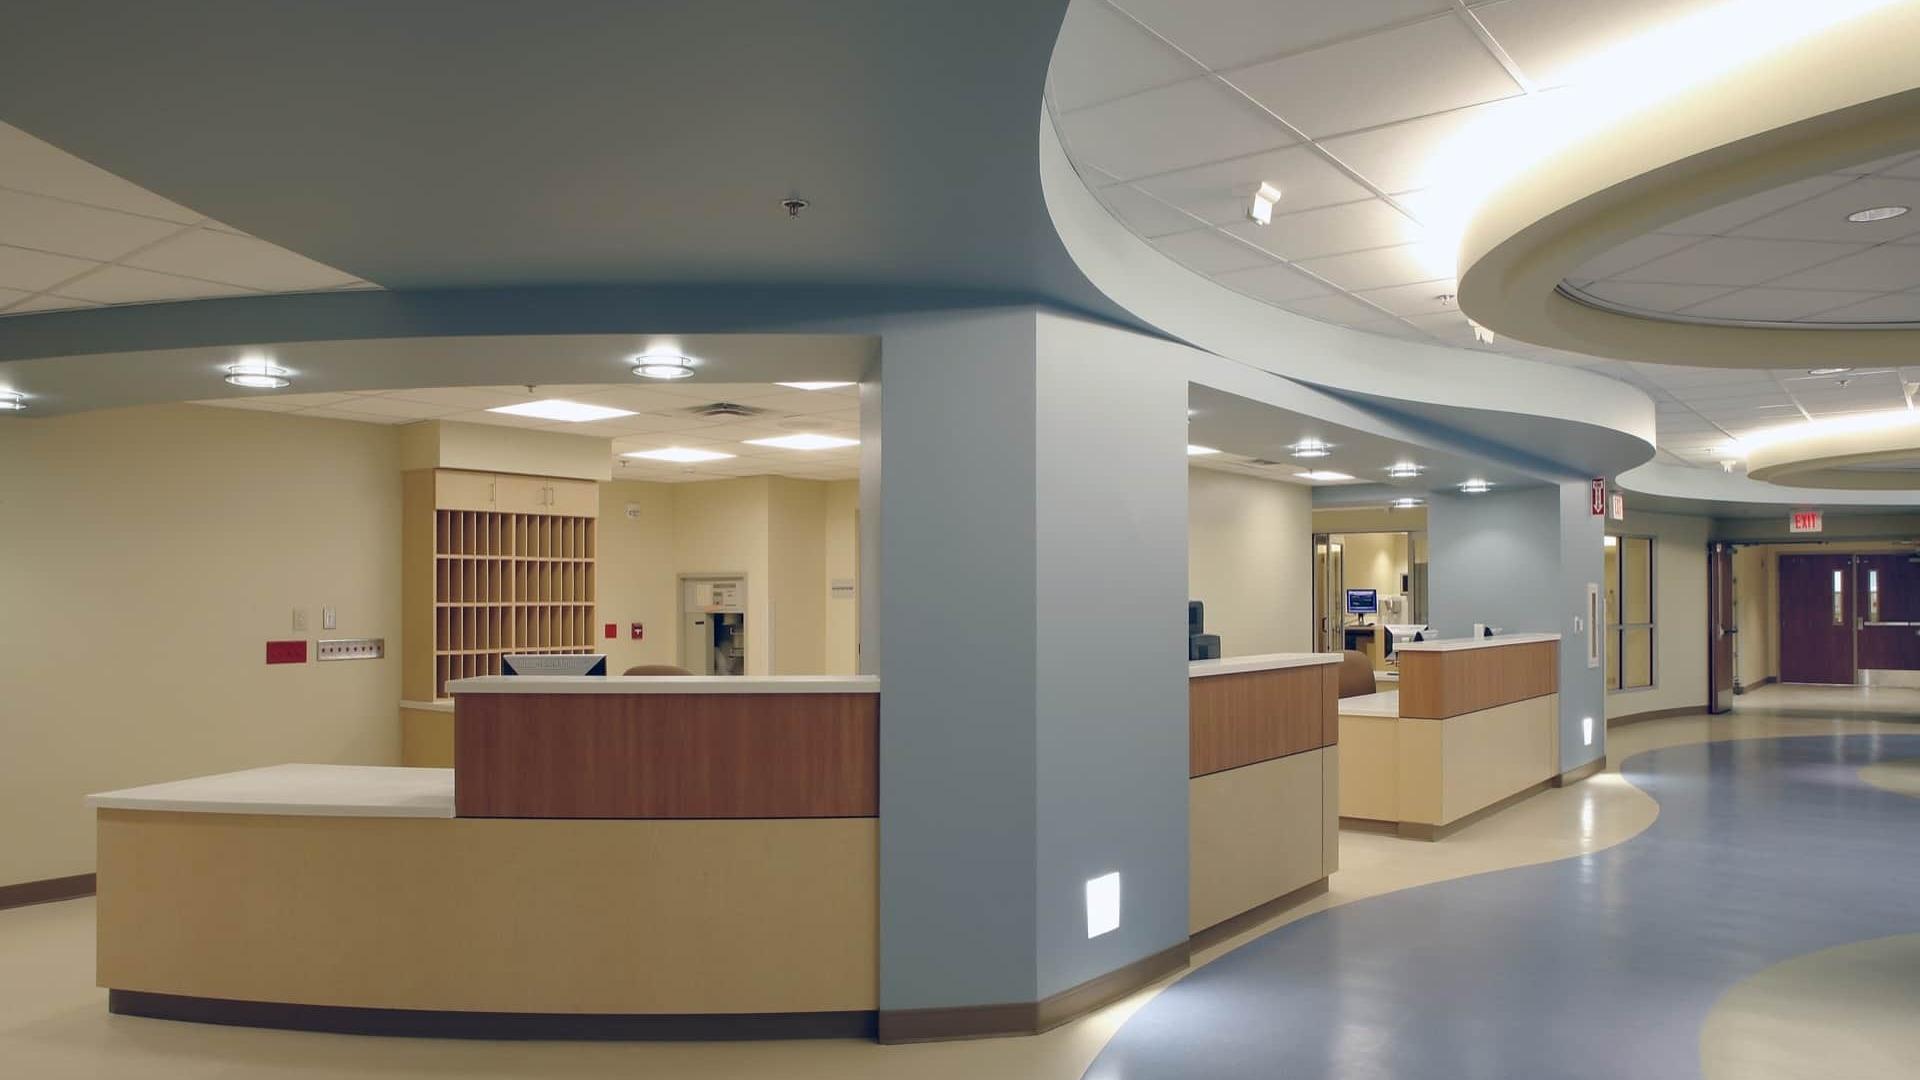 St. Thomas Hospital Midtown NICU | TMPartners, PLLC